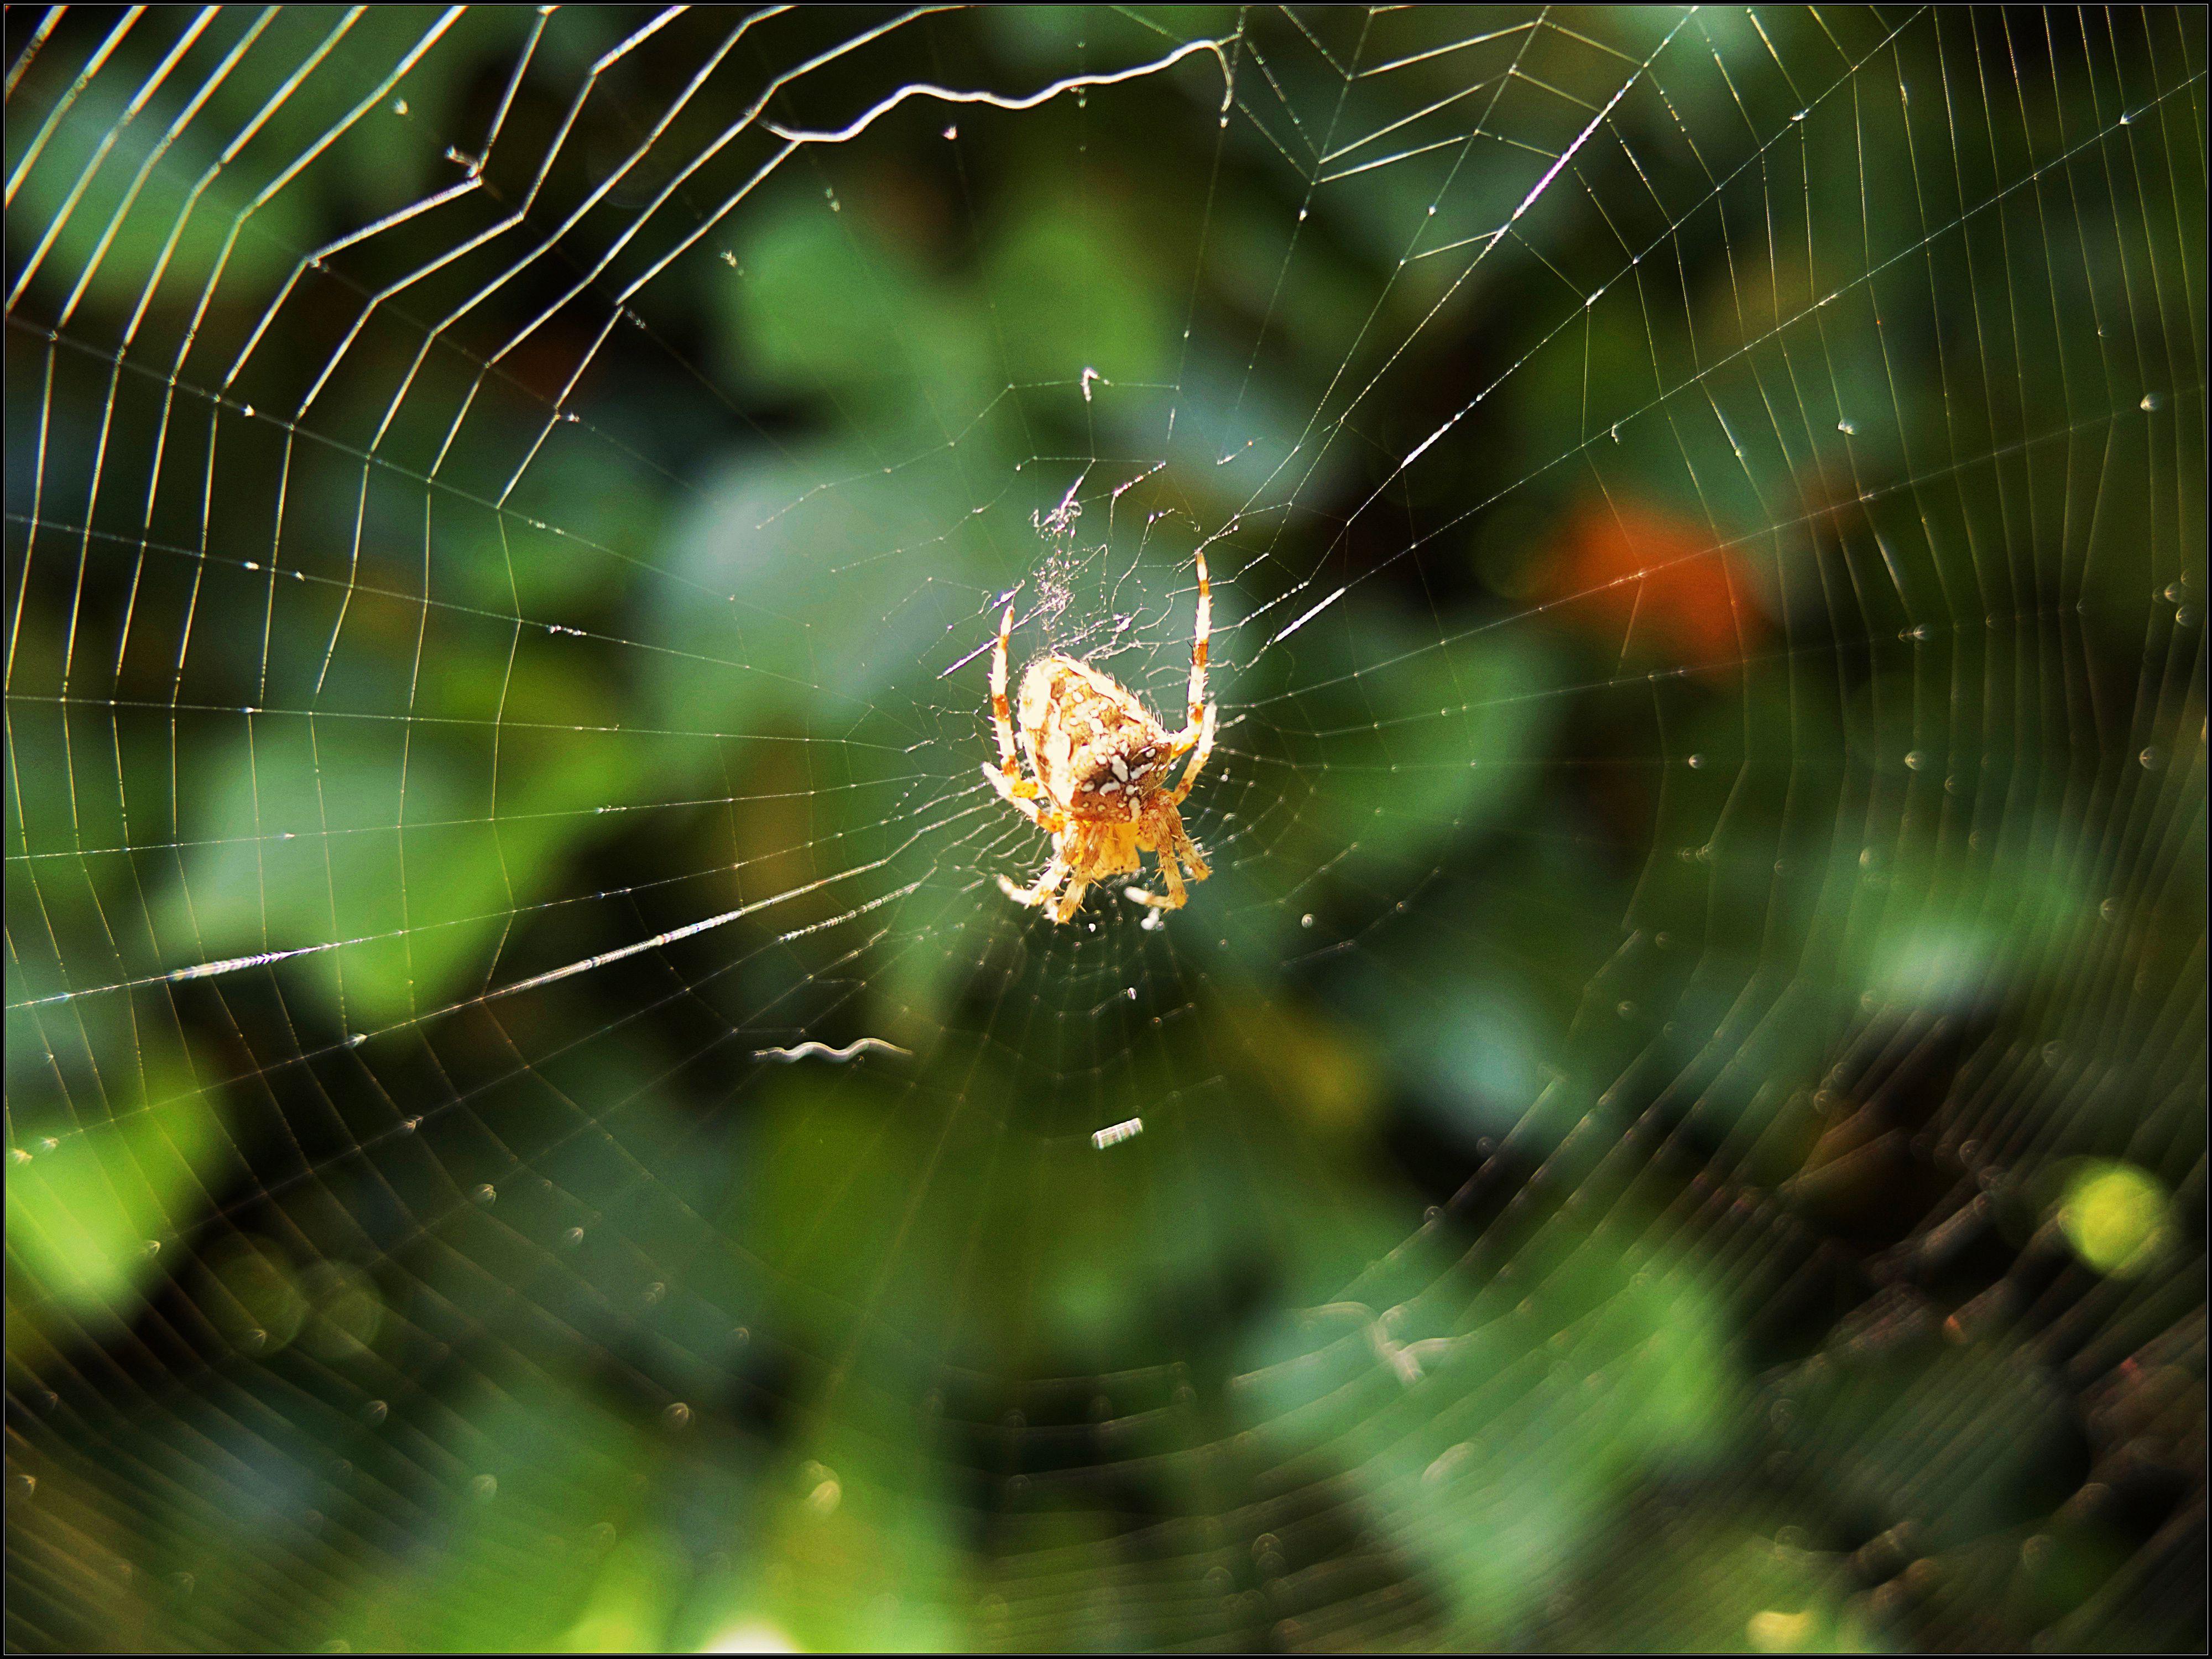 [Image du Jour] Arachne